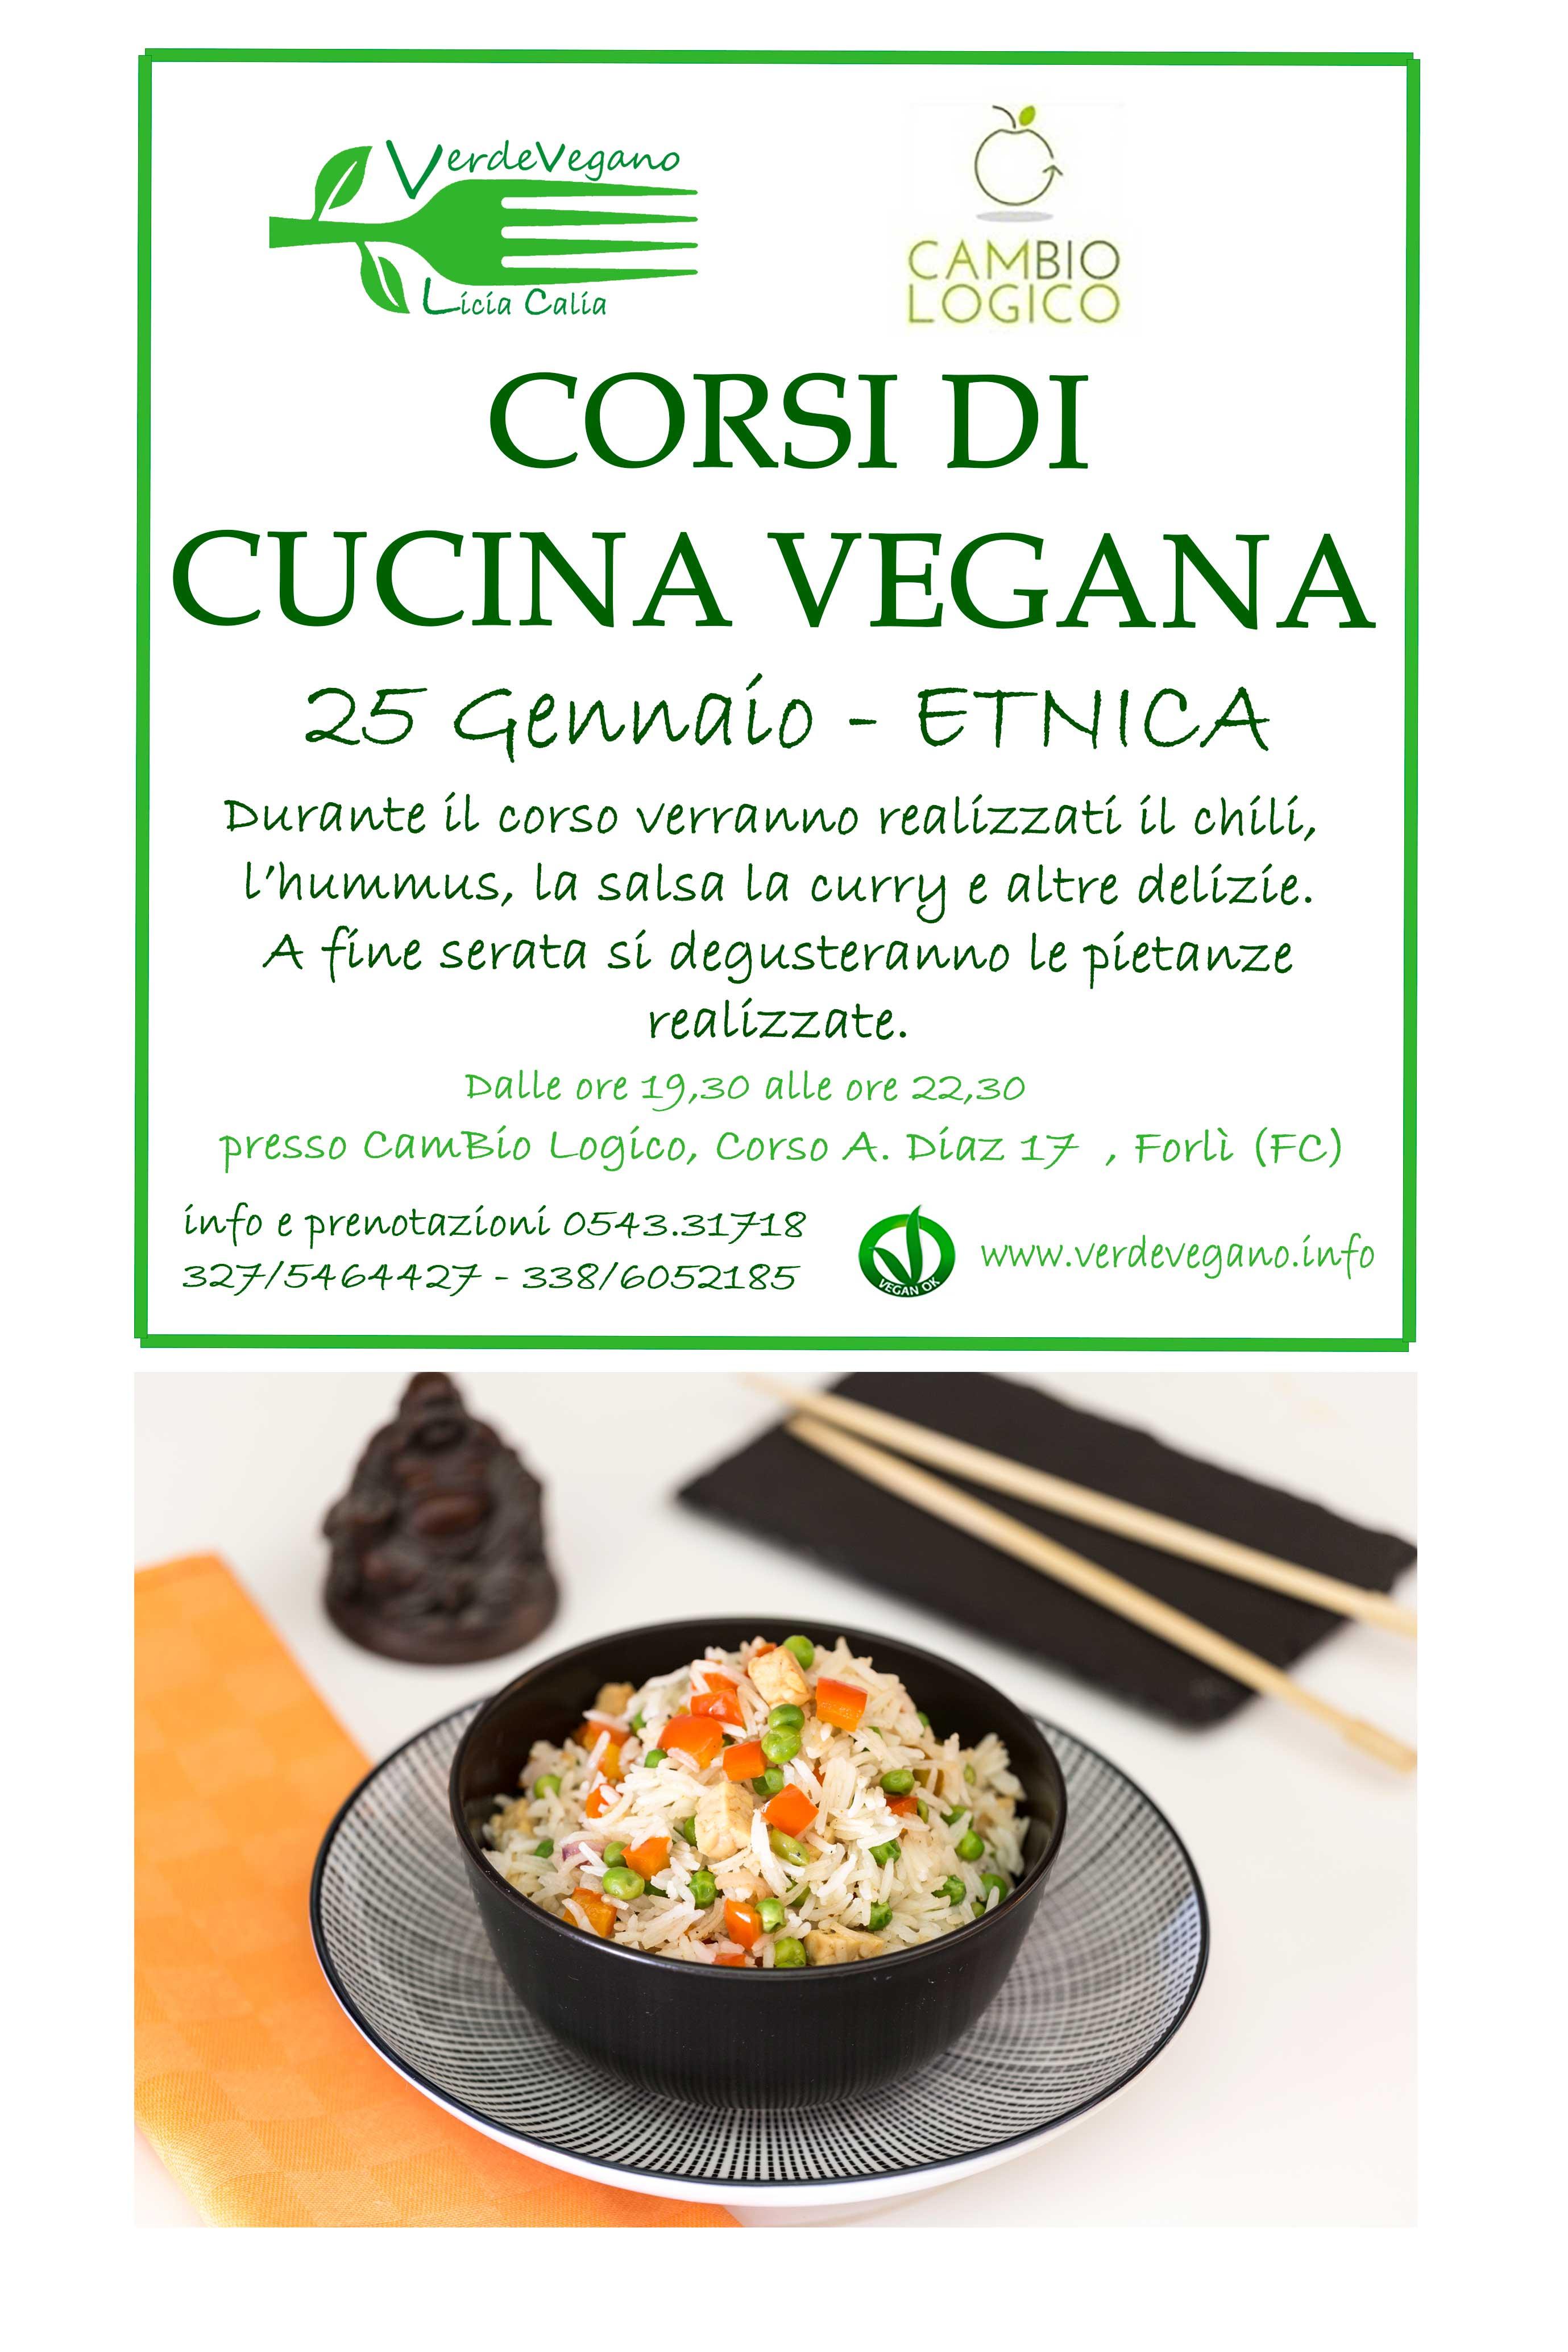 corso di cucina vegana | verdevegano.info - Corsi Di Cucina Monza